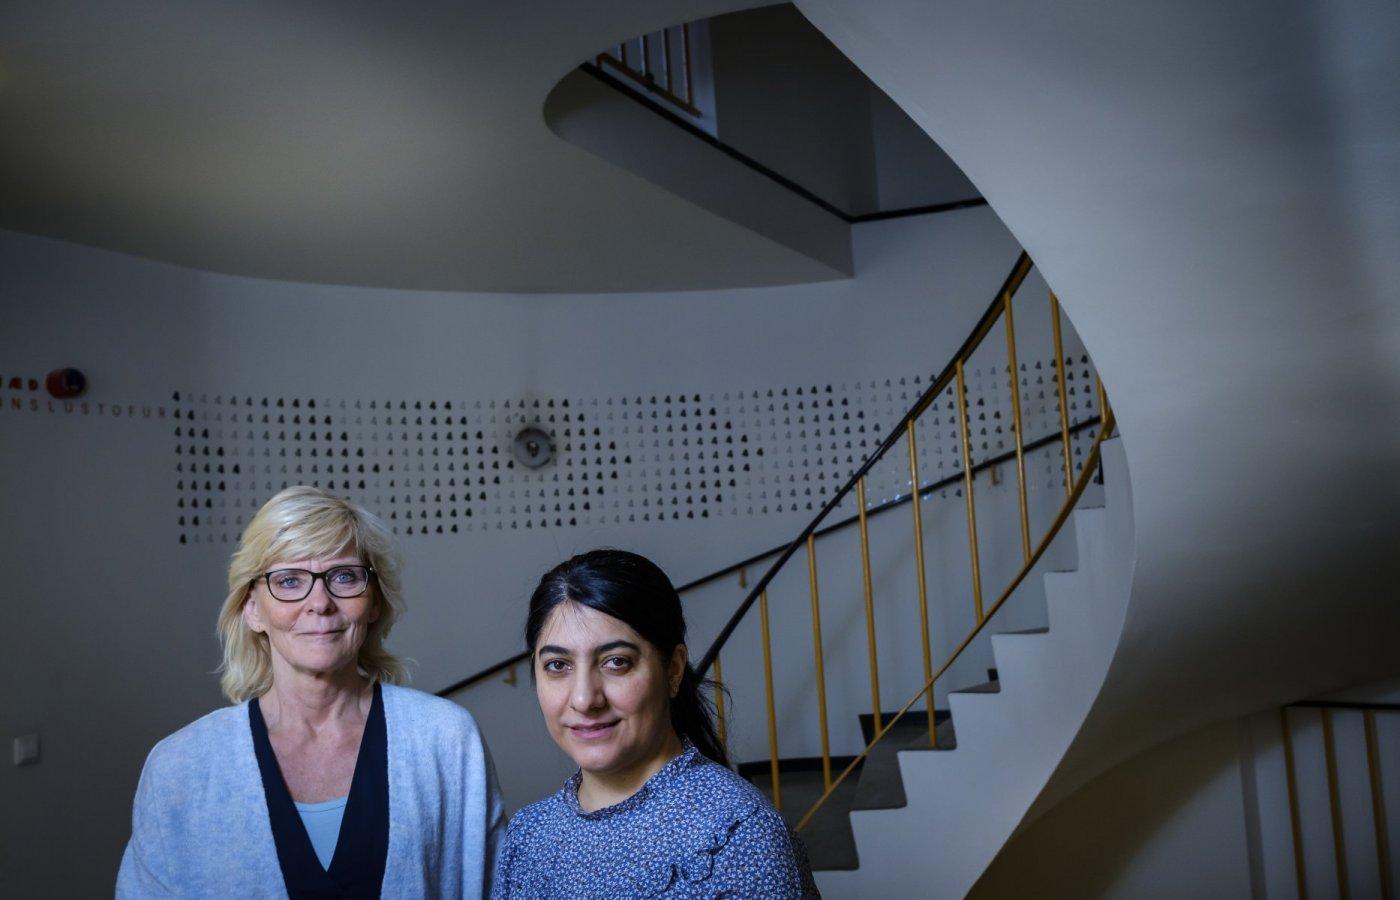 Hanna Ragnarsdóttir, prófessor í fjölmenningarfræðum við Menntavísindasvið, og Susan Rafik Hama, doktorsnemi á sama sviði,